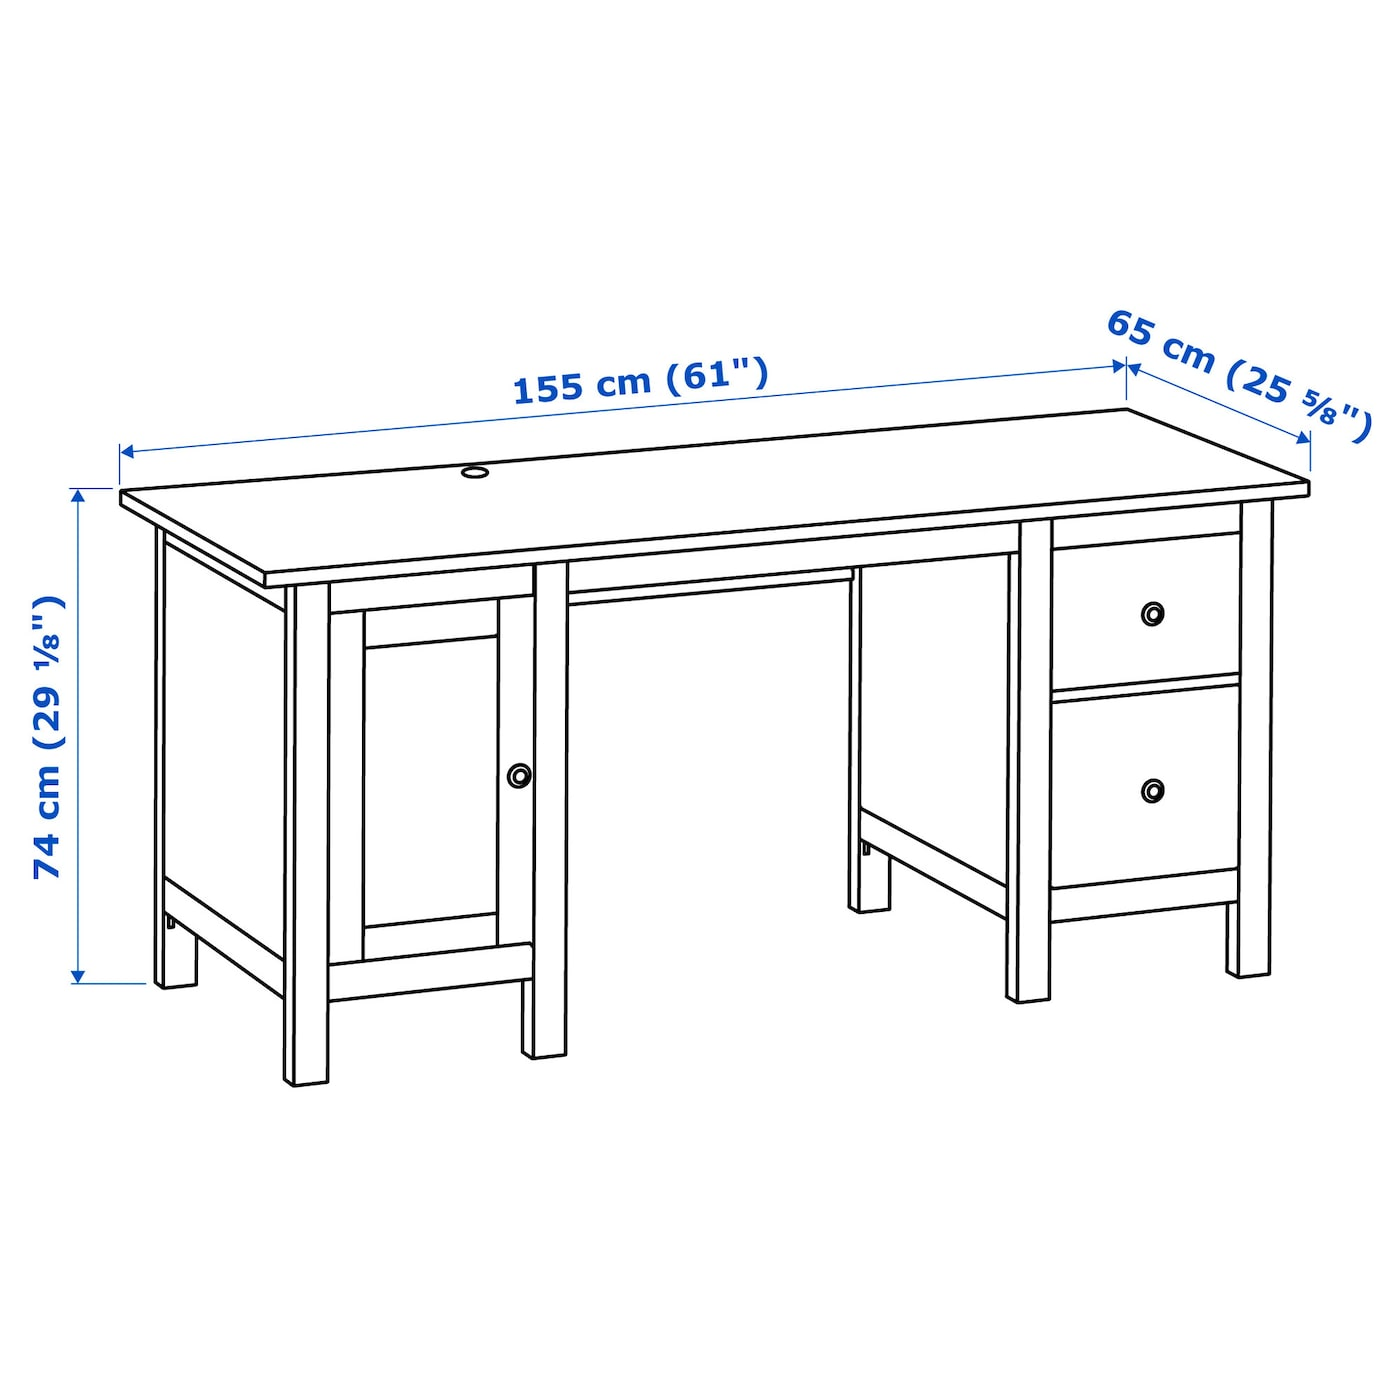 Hemnes Bureau Teinte Blanc 155x65 Cm Ikea